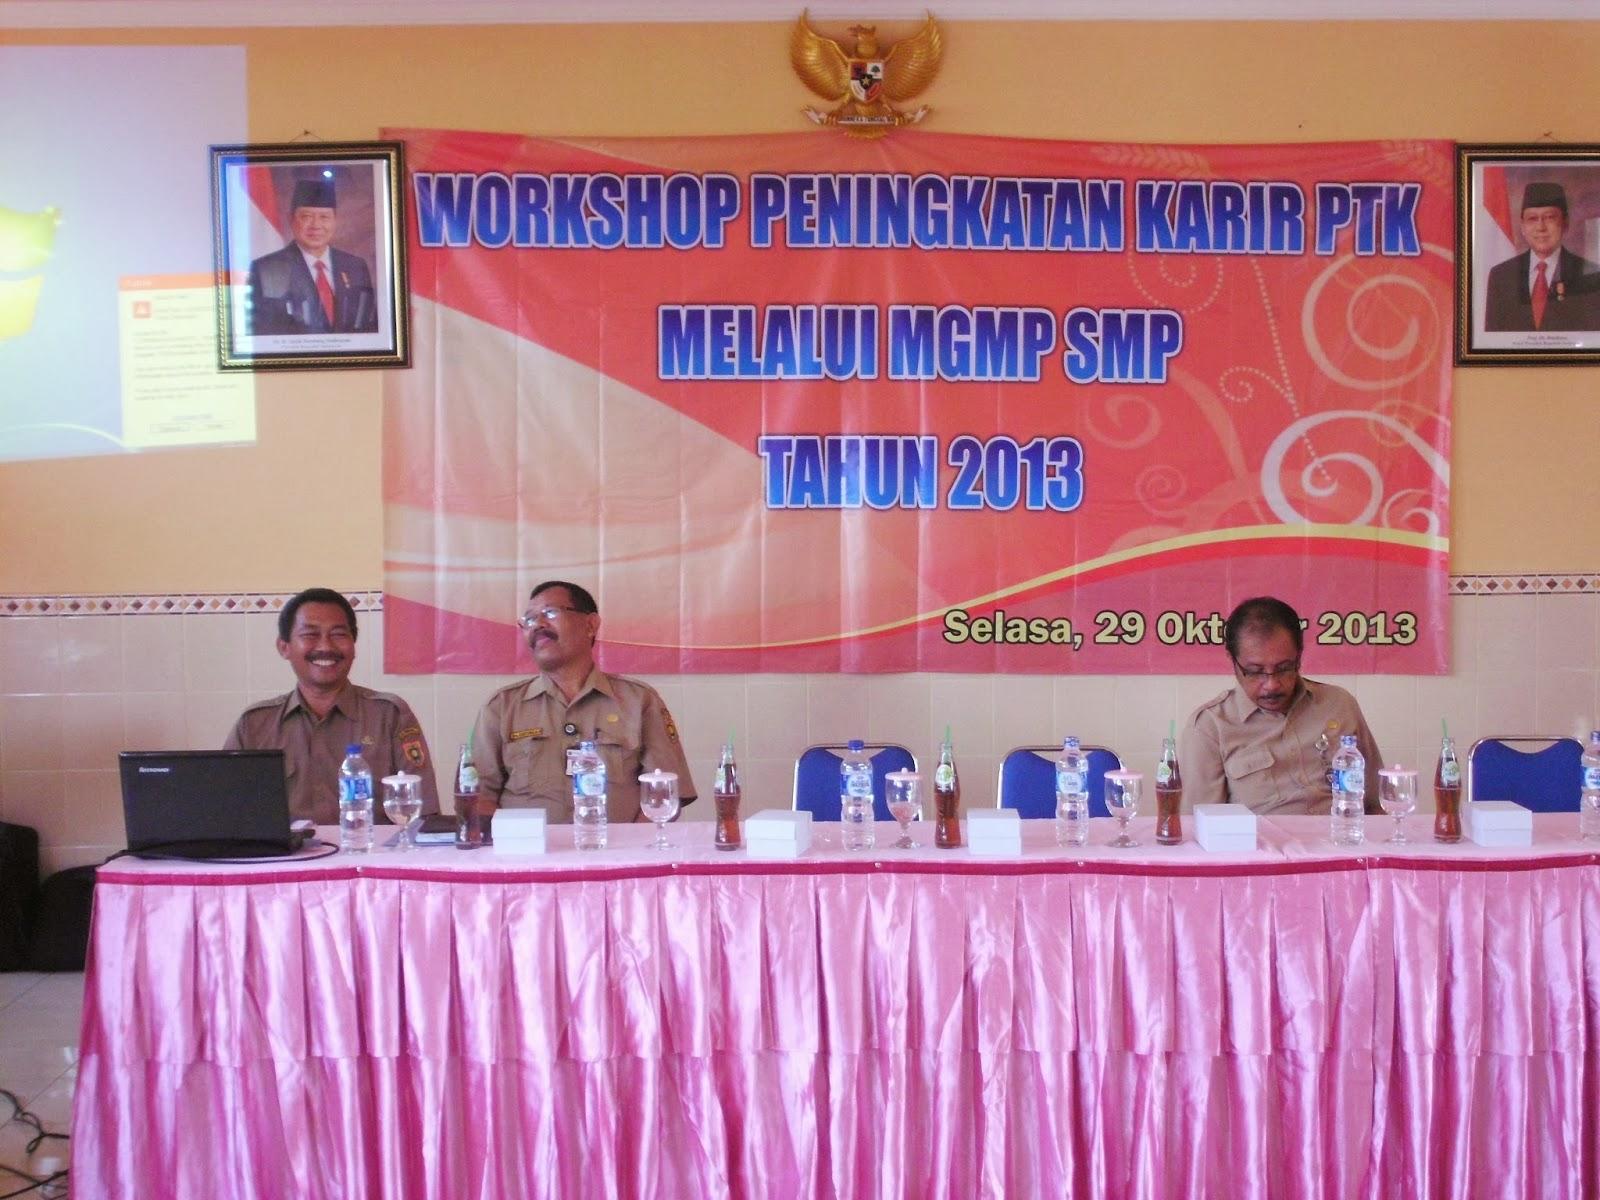 Workshop Pengembangan Karier Ptk Mgmp Penjasorkes Tahun 2013 Fajar Guru